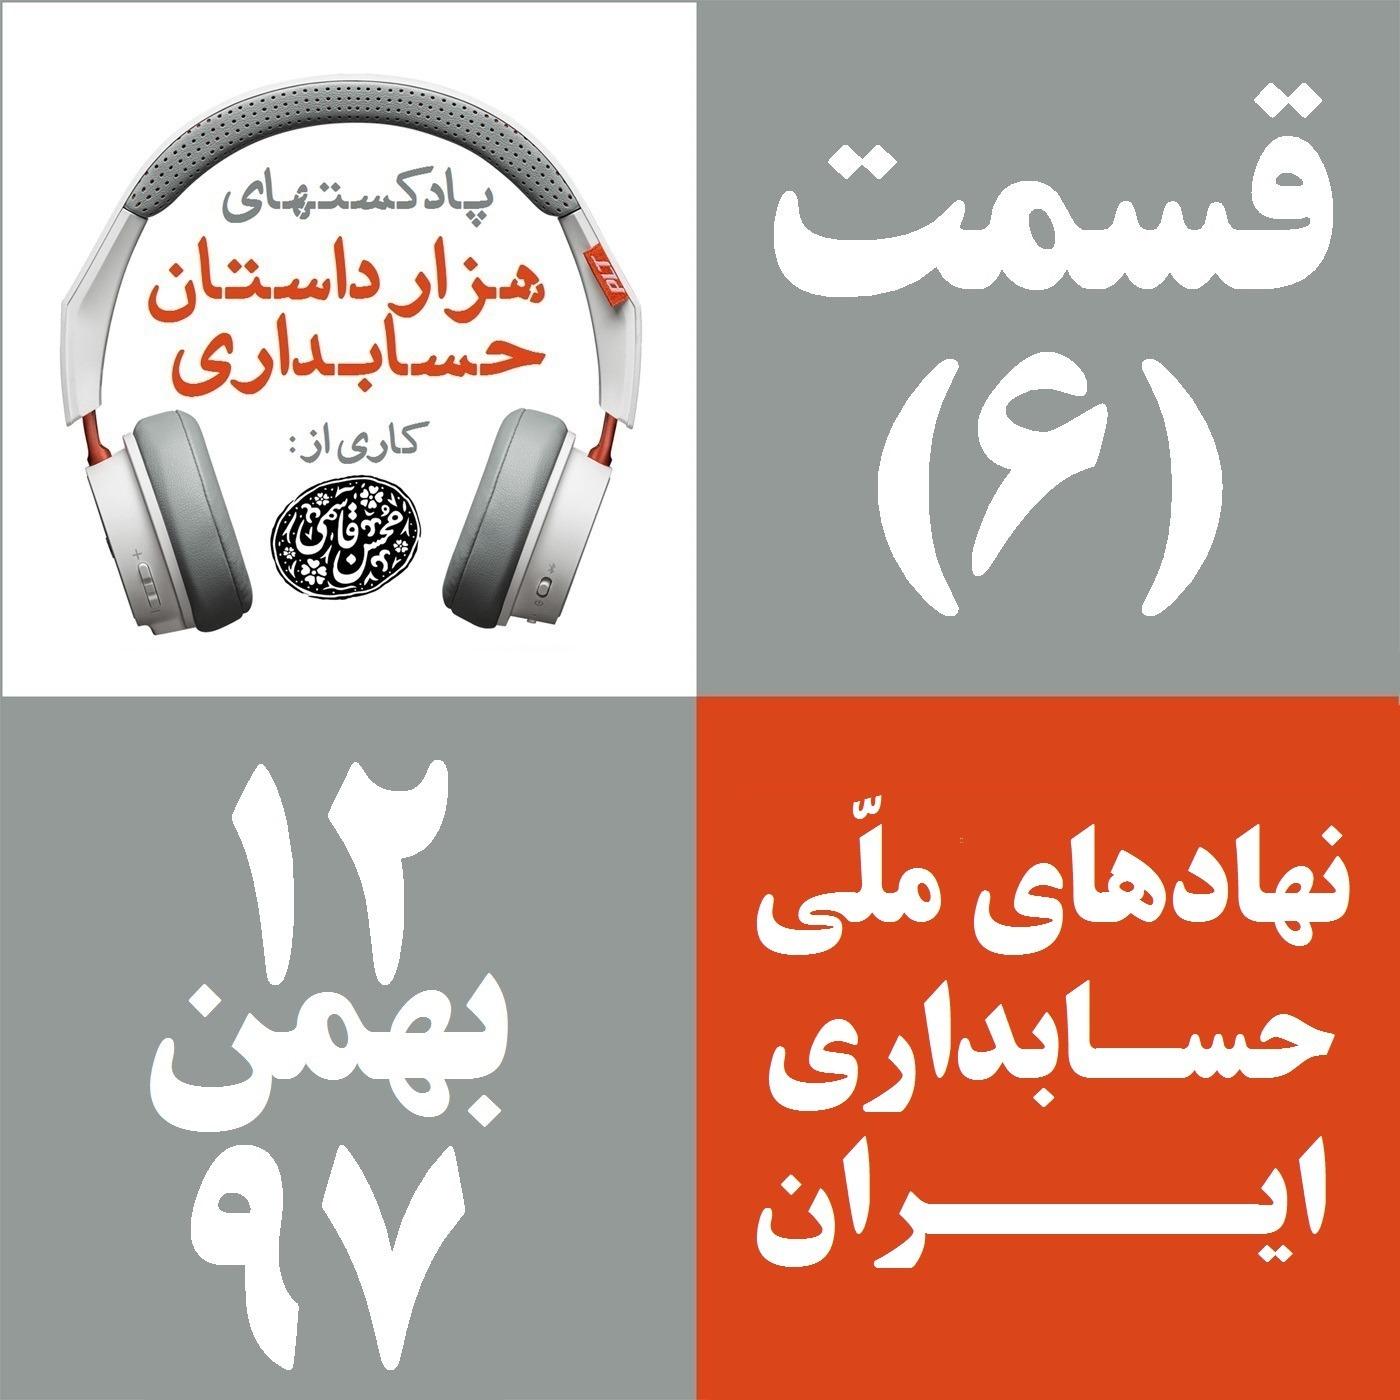 قسمت 6 - نگاهی گذرا به نهادهای ملی حسابداری ایران